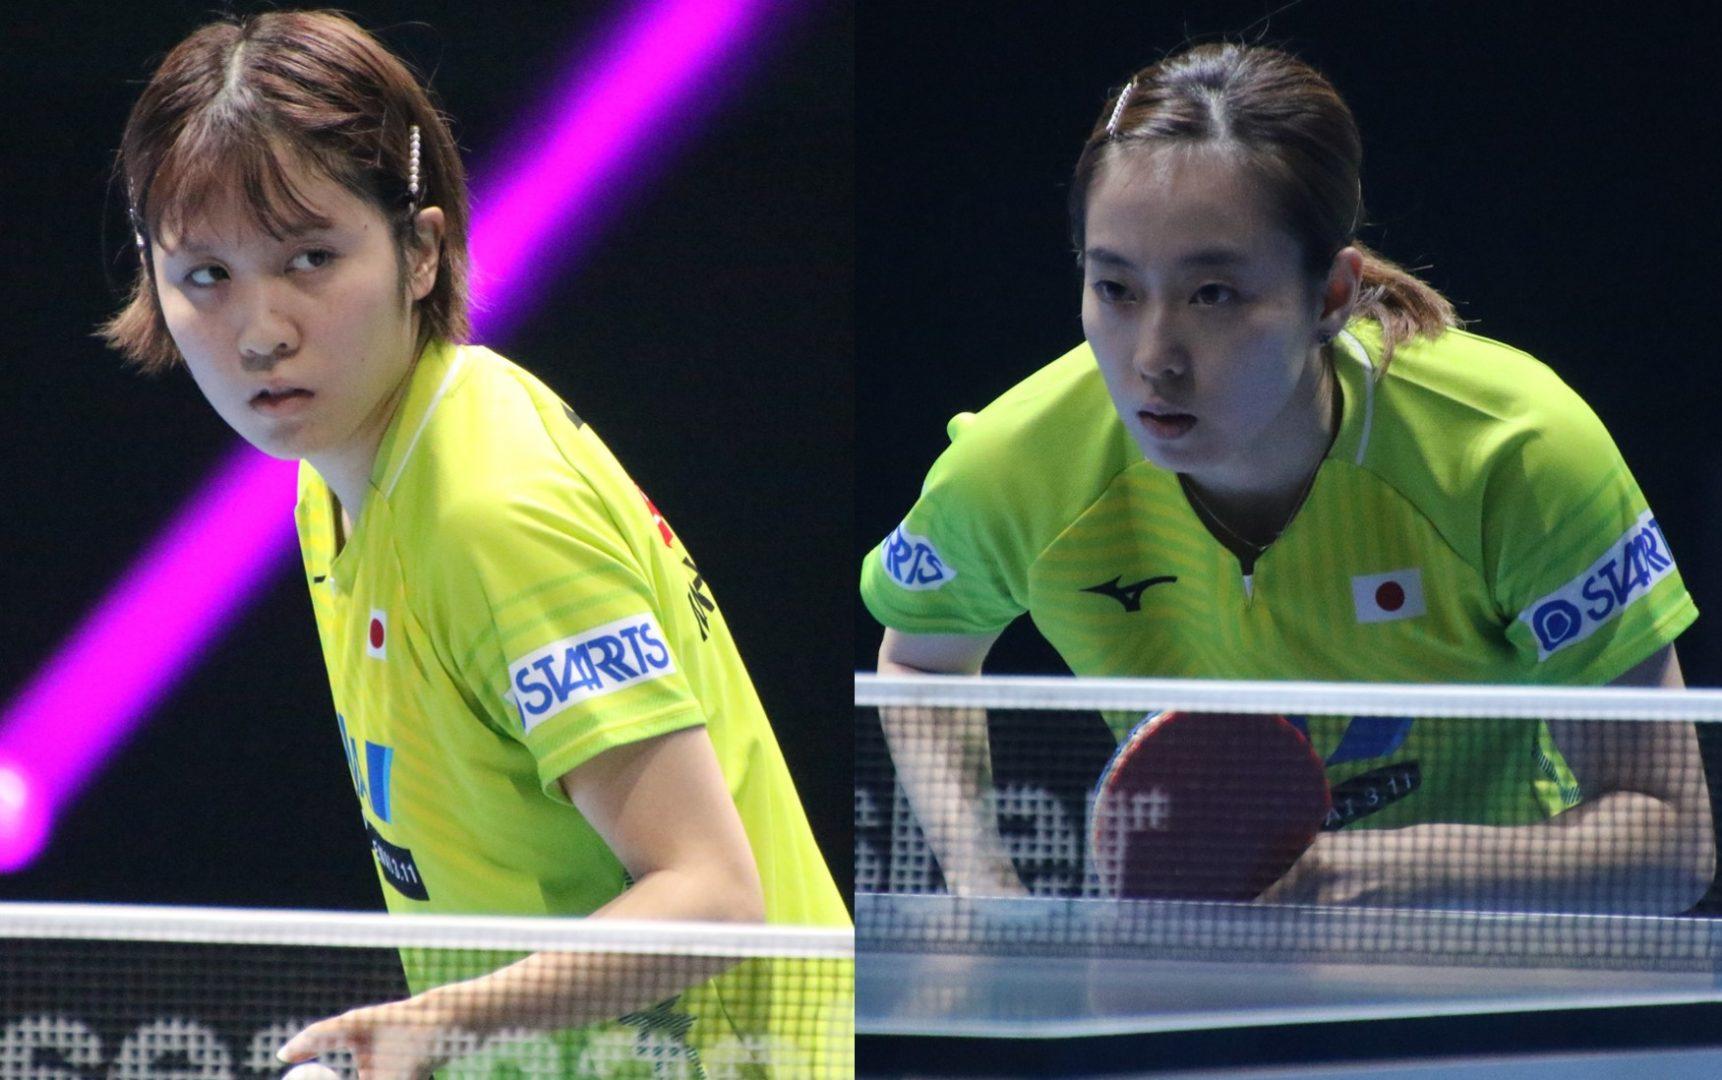 【卓球】石川佳純と平野美宇 東京五輪シングルス代表権はどちらの手に